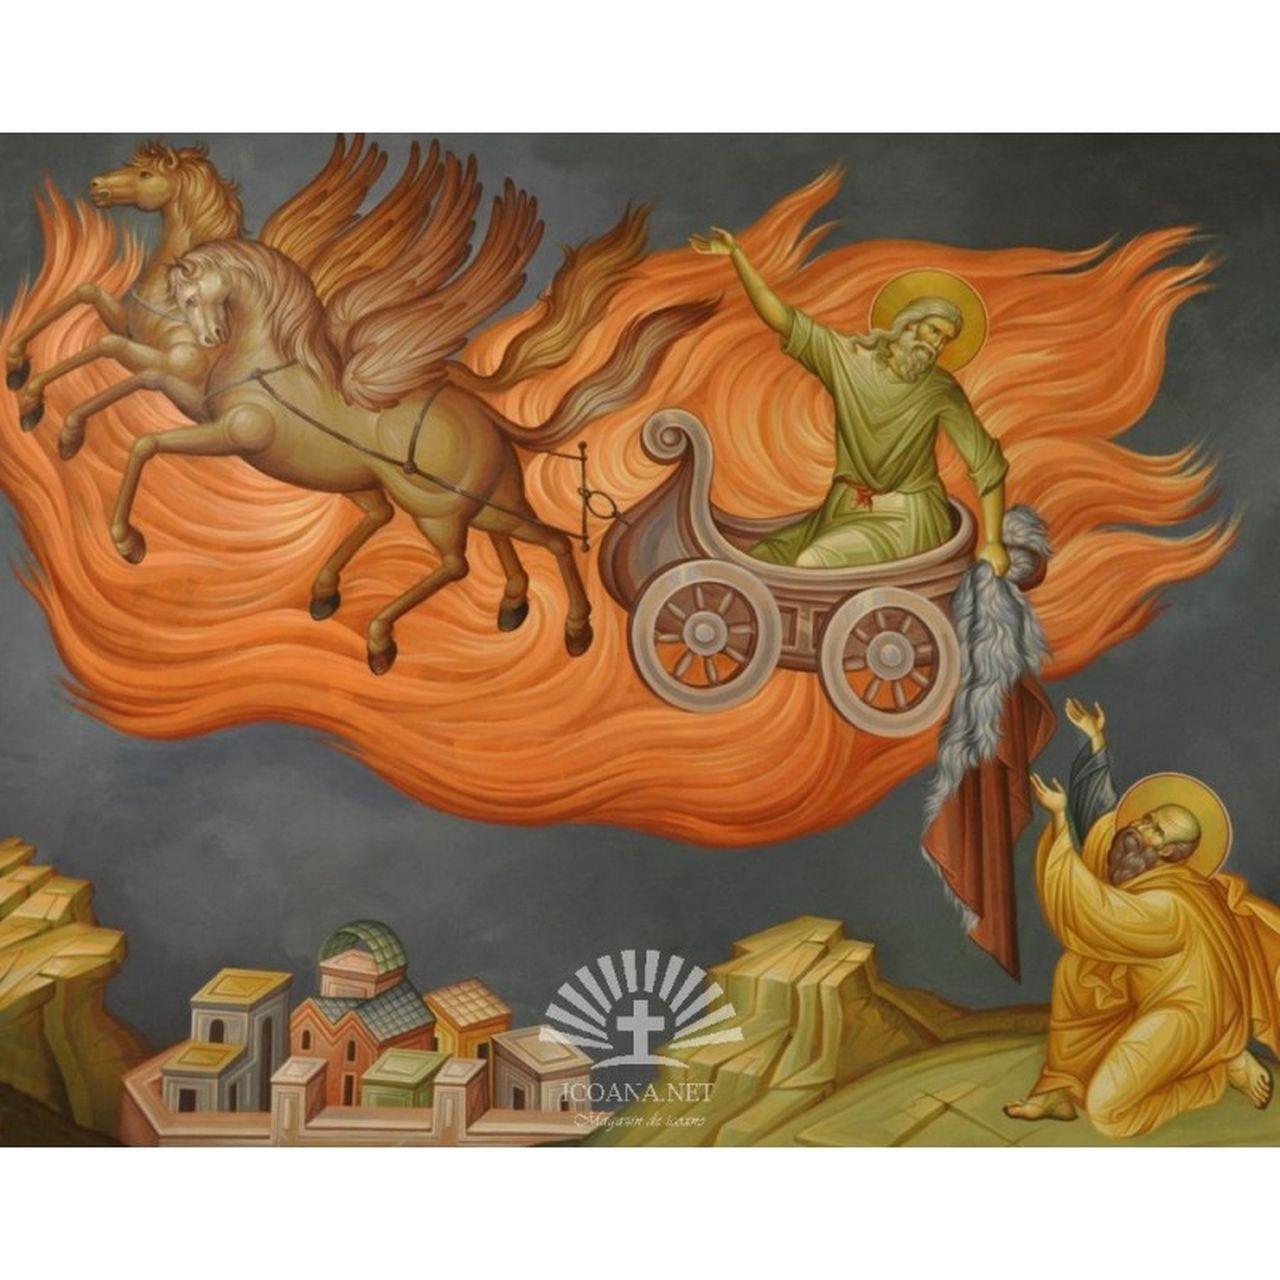 Sfântul Ilie și legenda carului de foc cu care se plimbă pe cer. Ce NU trebuie să faci conform tradiției